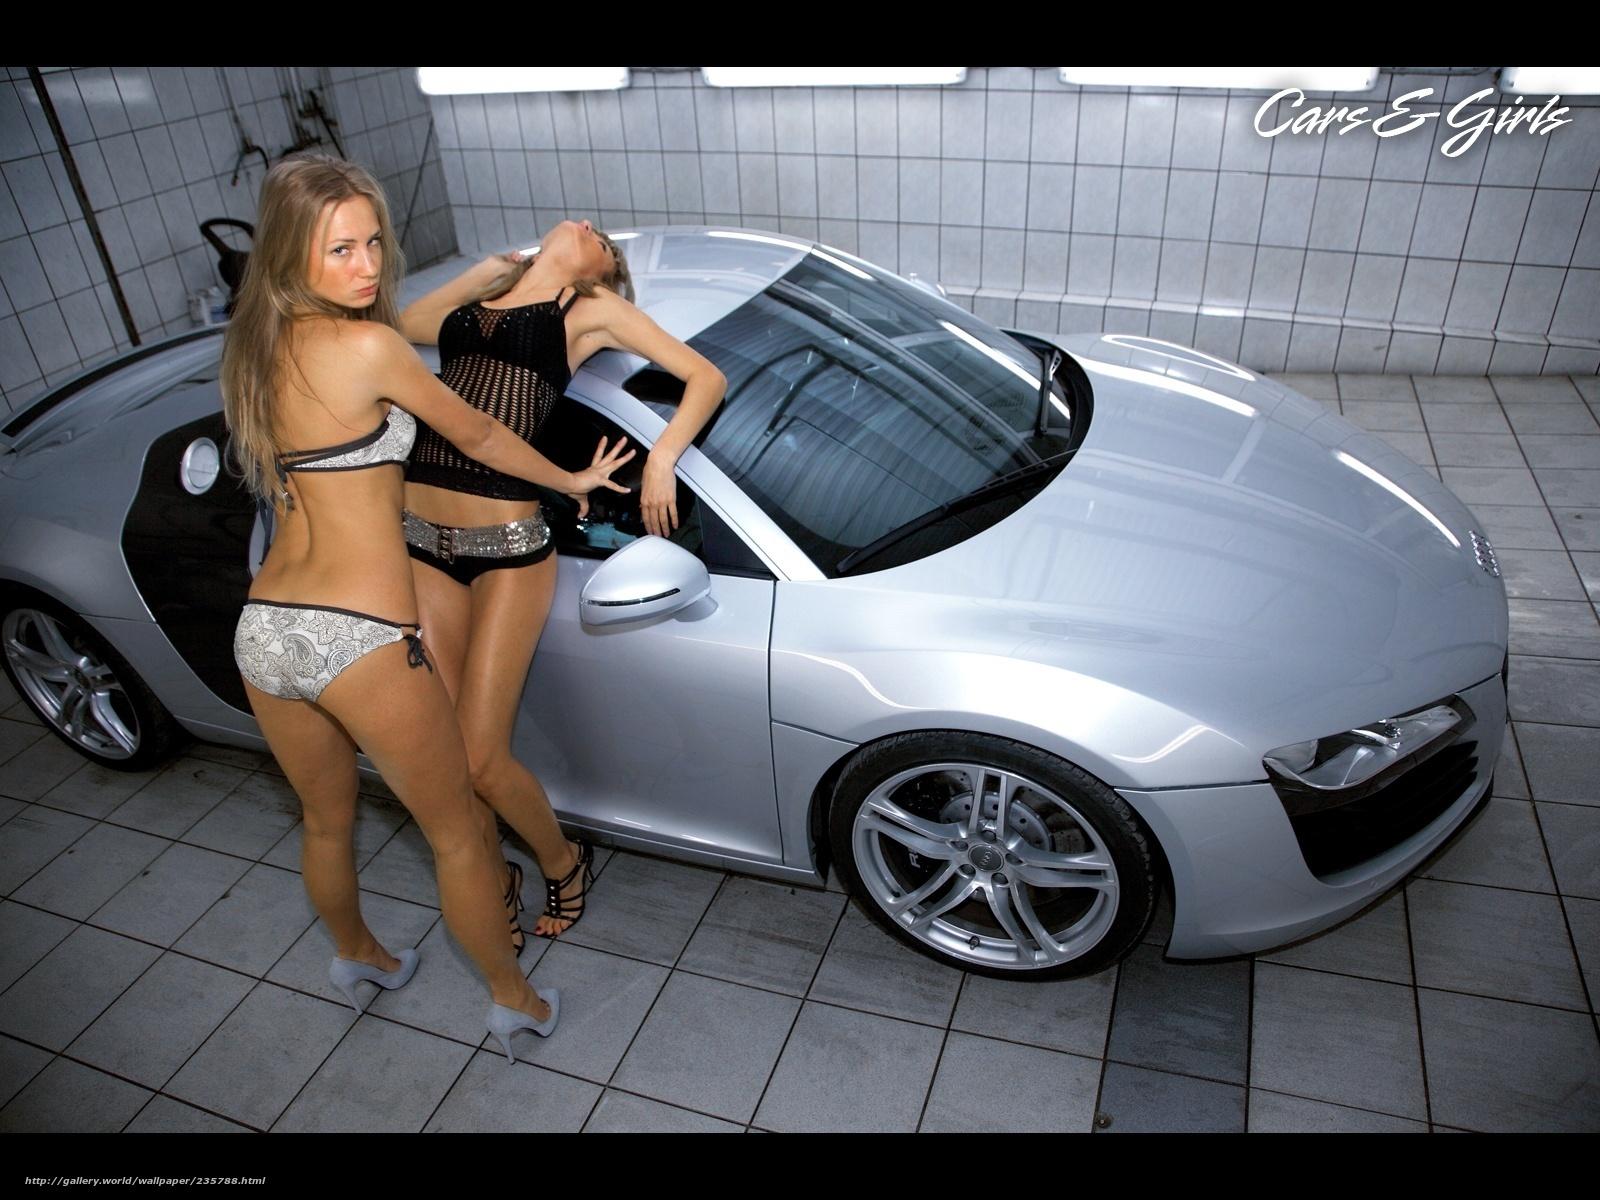 Фотки девушек около машин 19 фотография